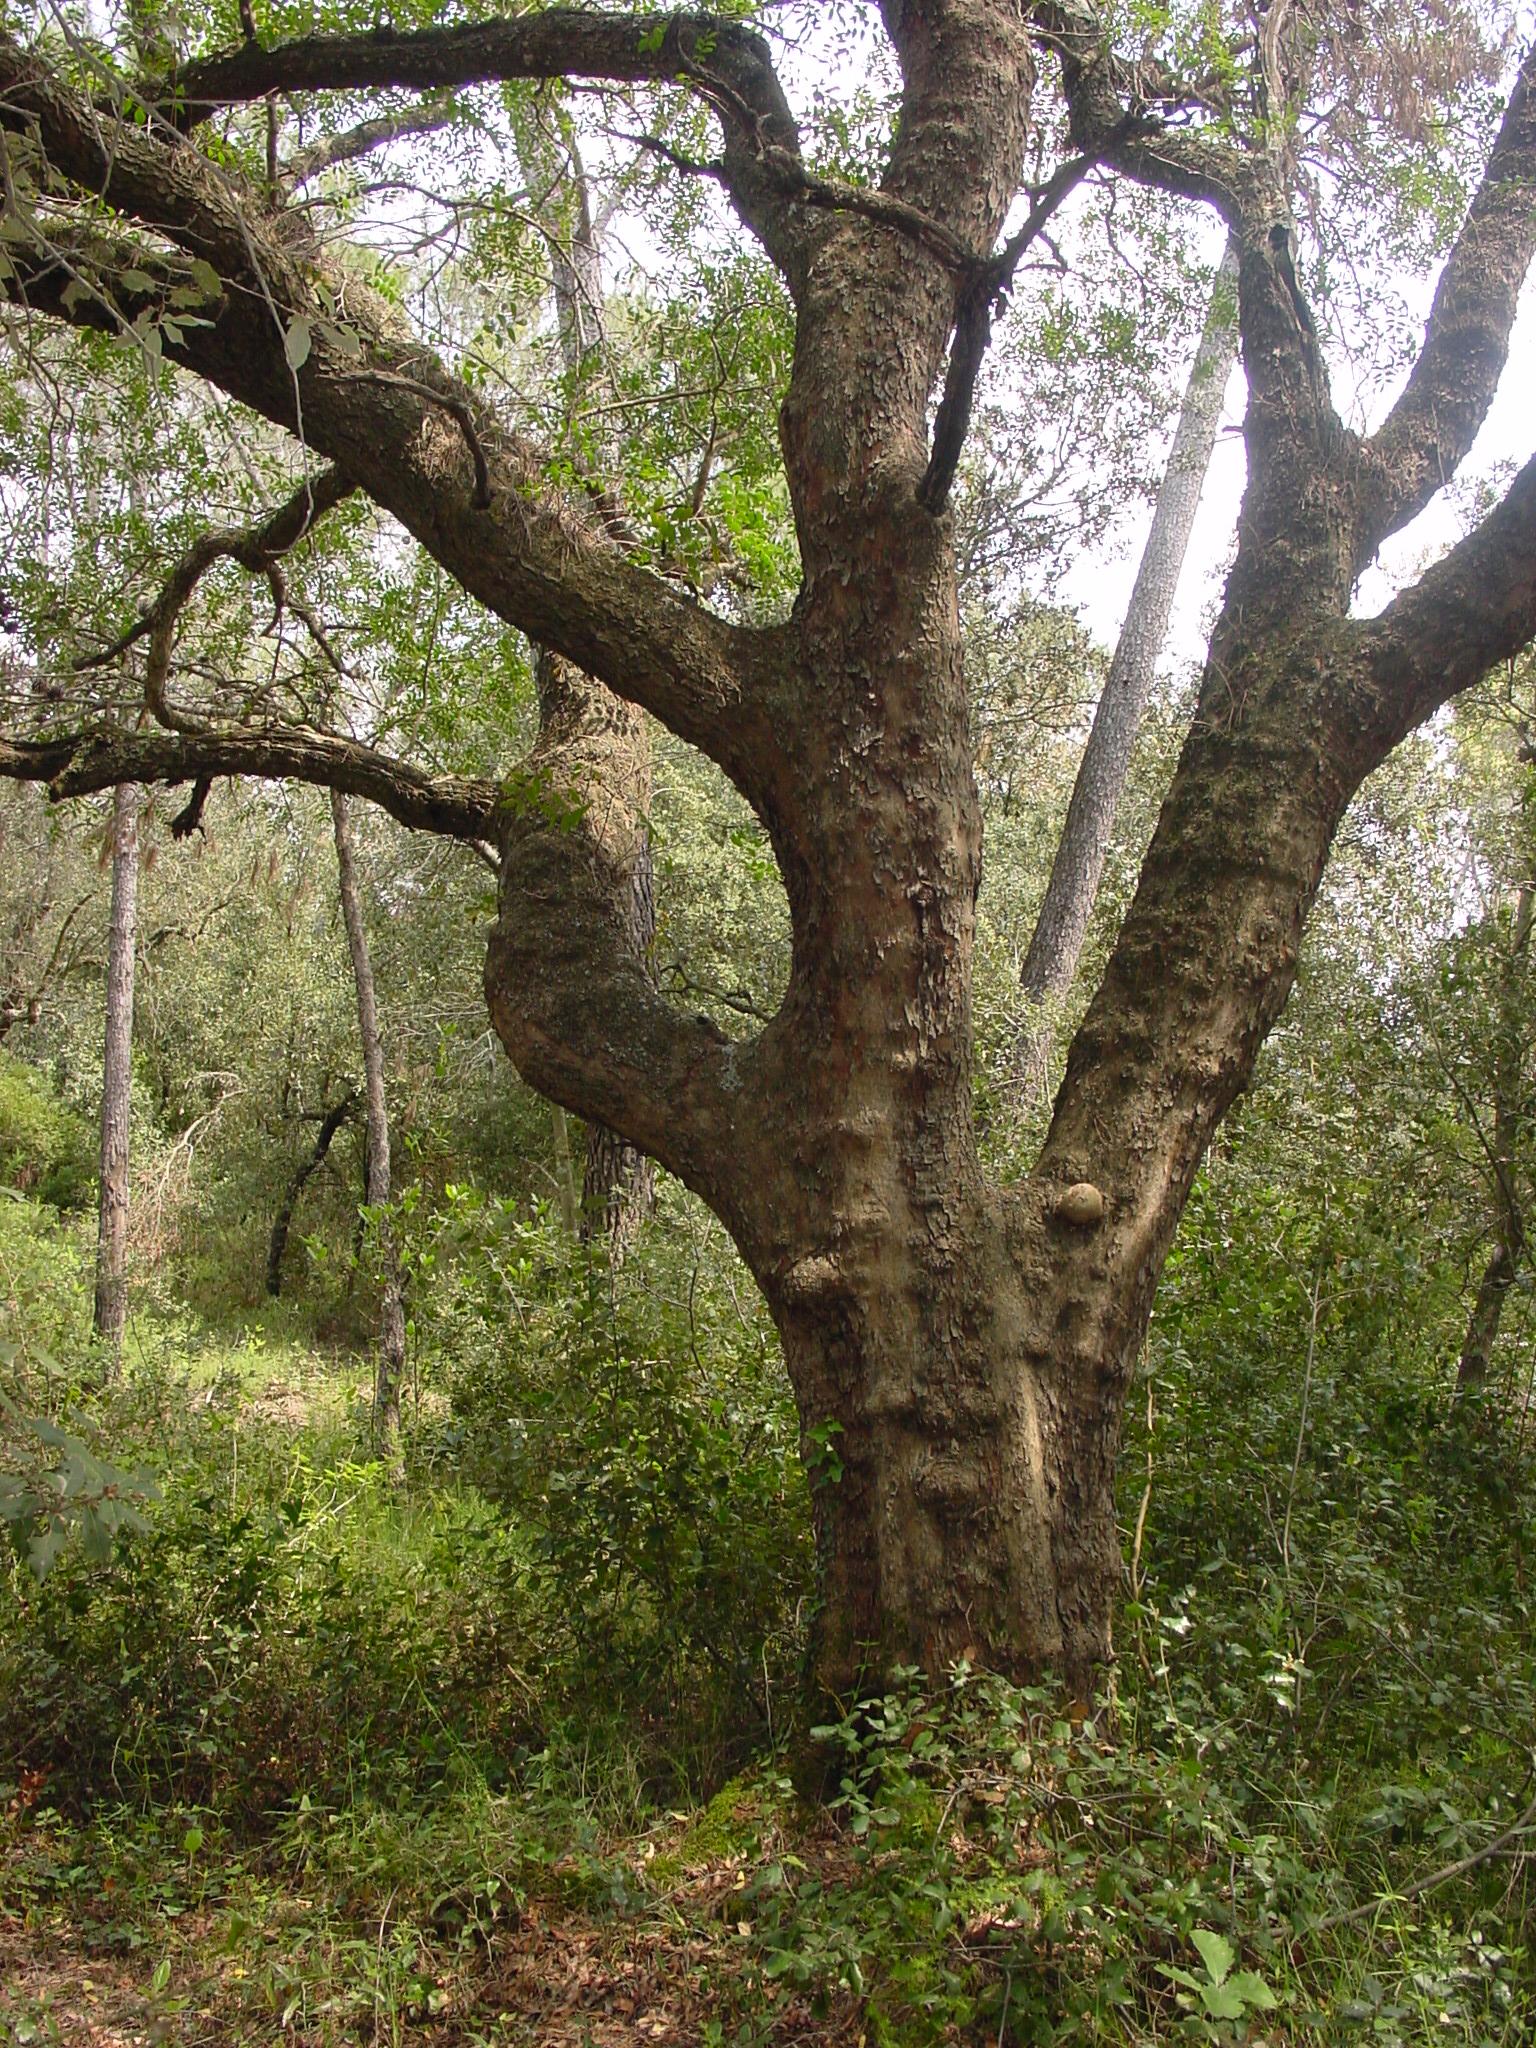 El llentiscle és una planta pròpia dels sotaboscos de les gavarres amb un port d'arbus. A la imatge veiem un llentiscle monumental amb unes dimensions d'arbre.